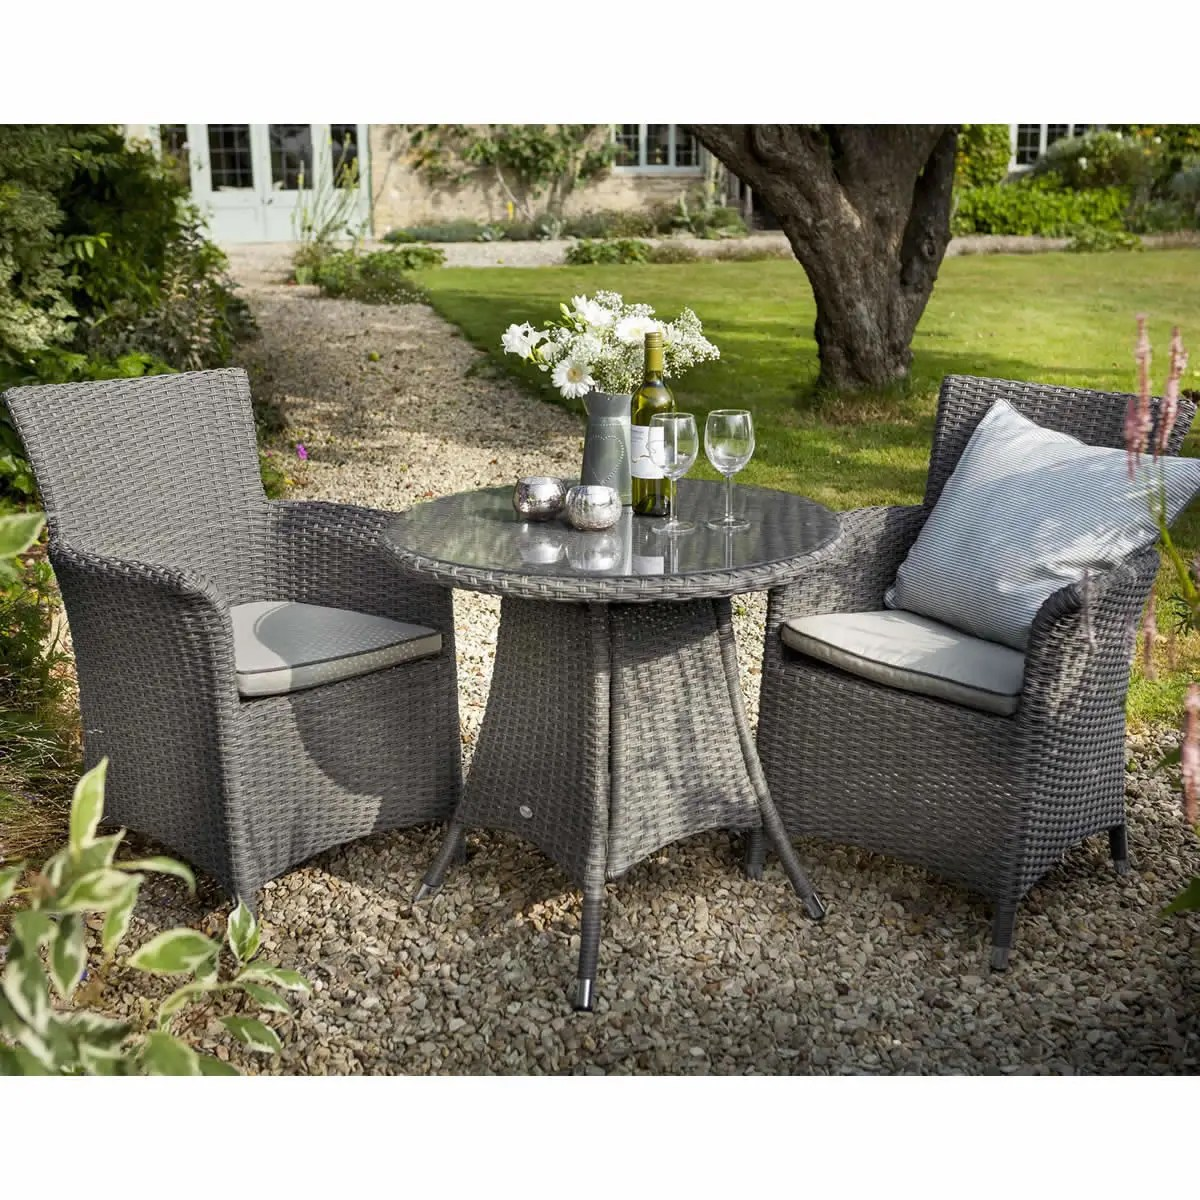 grey weave garden chairs work chair accessories hartman appleton bistro set slate stone rattan